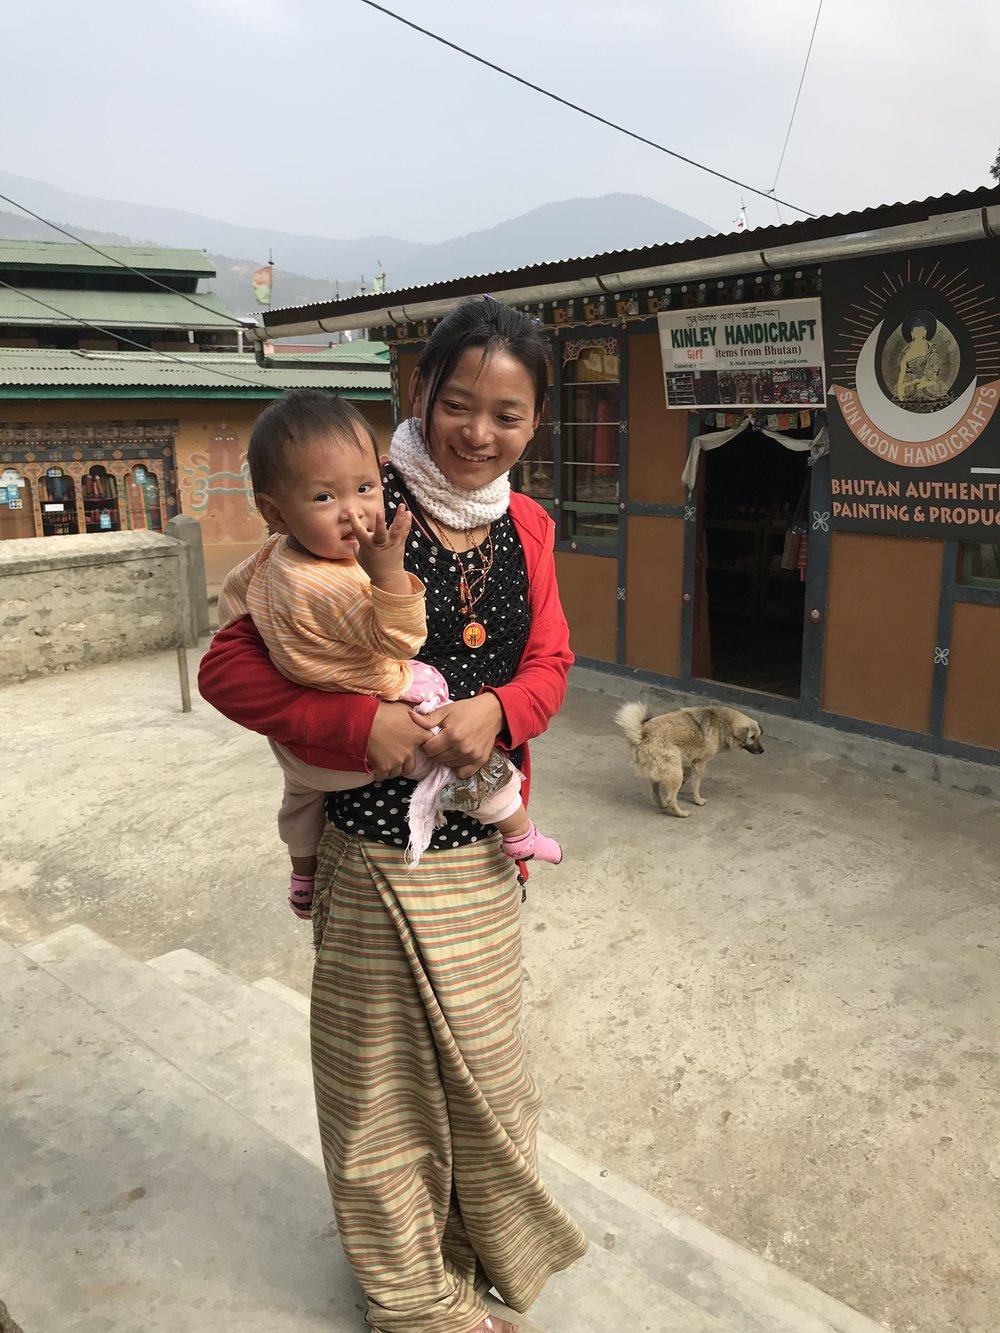 joylove-bhutan2018-8.jpg